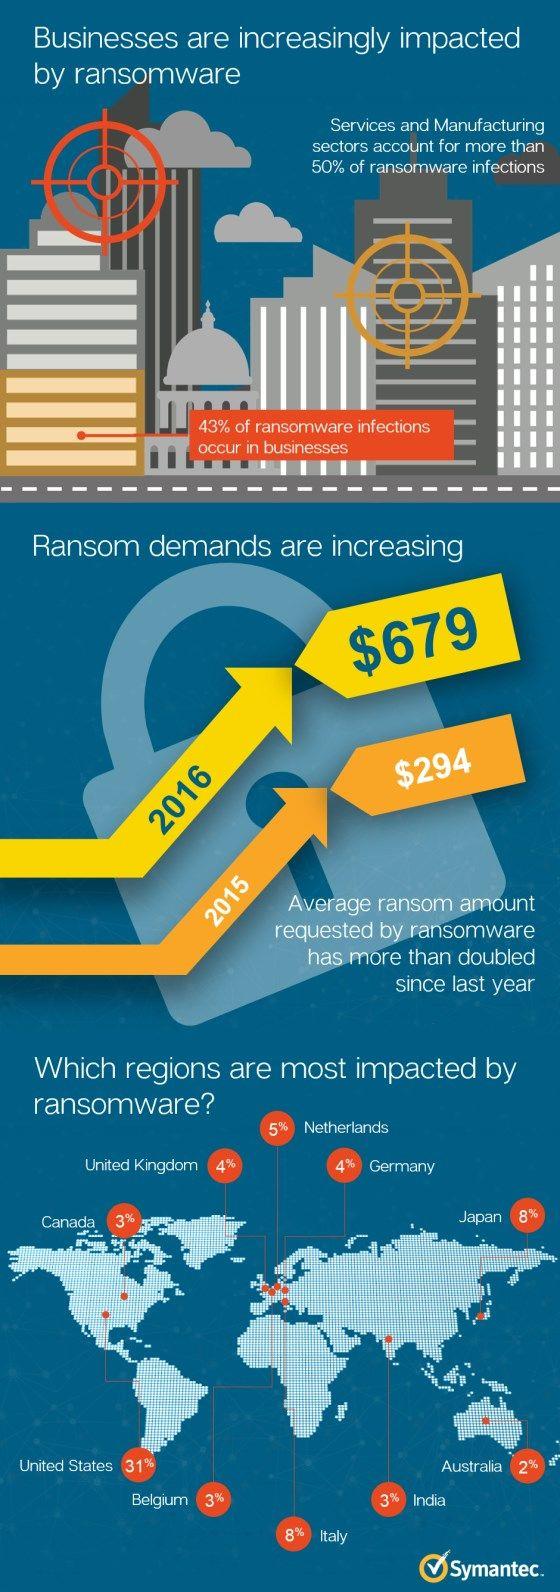 Infizierungen mit Ransomware auf 56.000 gestiegen; gefordertes Lösegeld verdoppelt   Kroker's Look @ IT  http://blog.wiwo.de/look-at-it/2016/07/25/infizierungen-mit-ransomware-auf-56-000-gestiegen-gefordertes-loesegeld-verdoppelt/